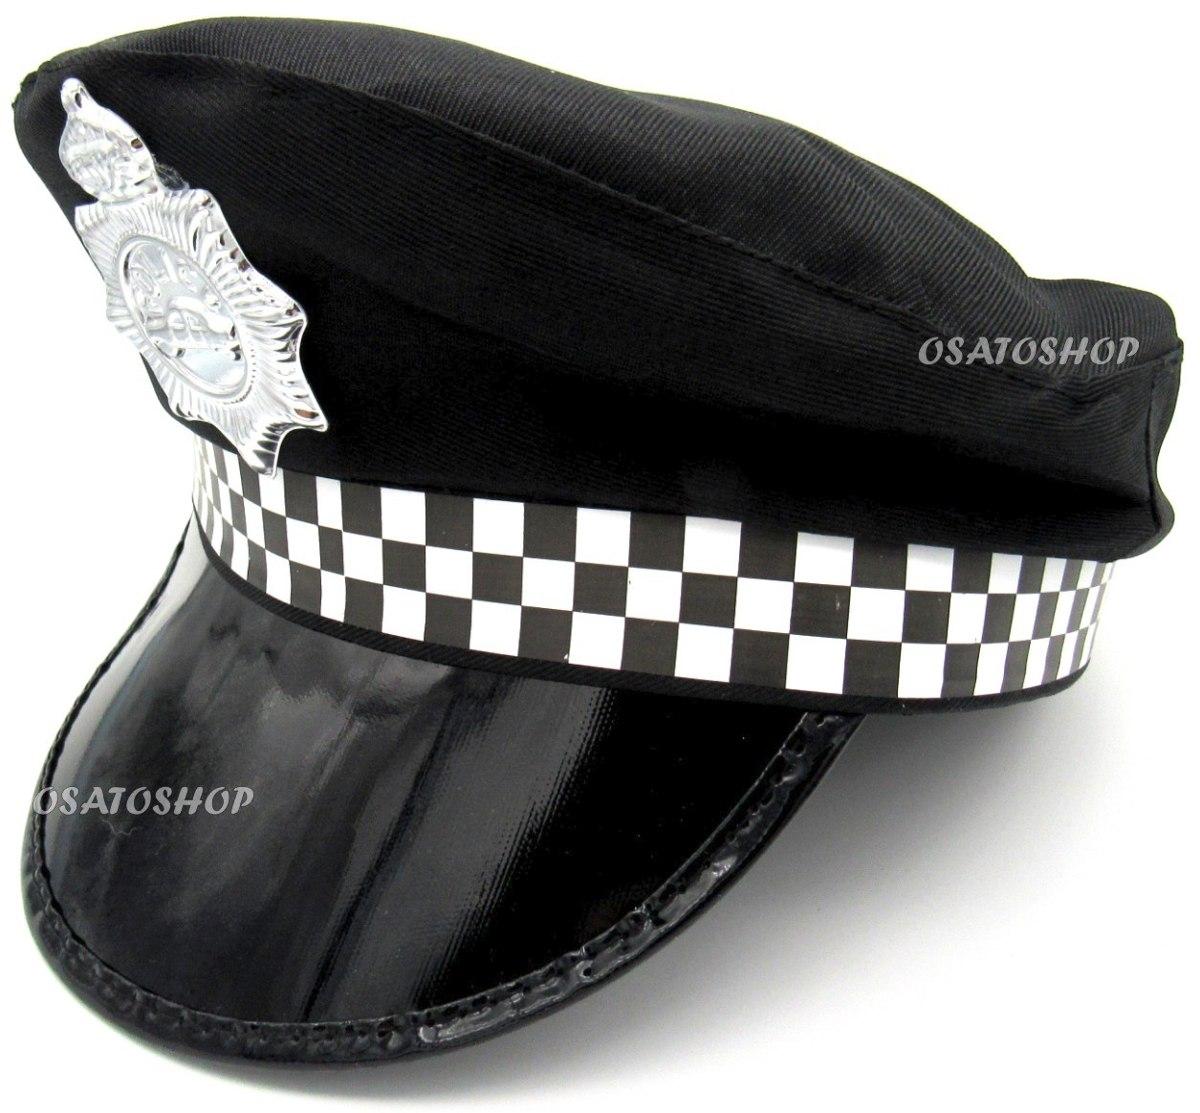 chapéu policial quepe boina xadrez fantasia festa cosplay. Carregando zoom. 0062c4425d1